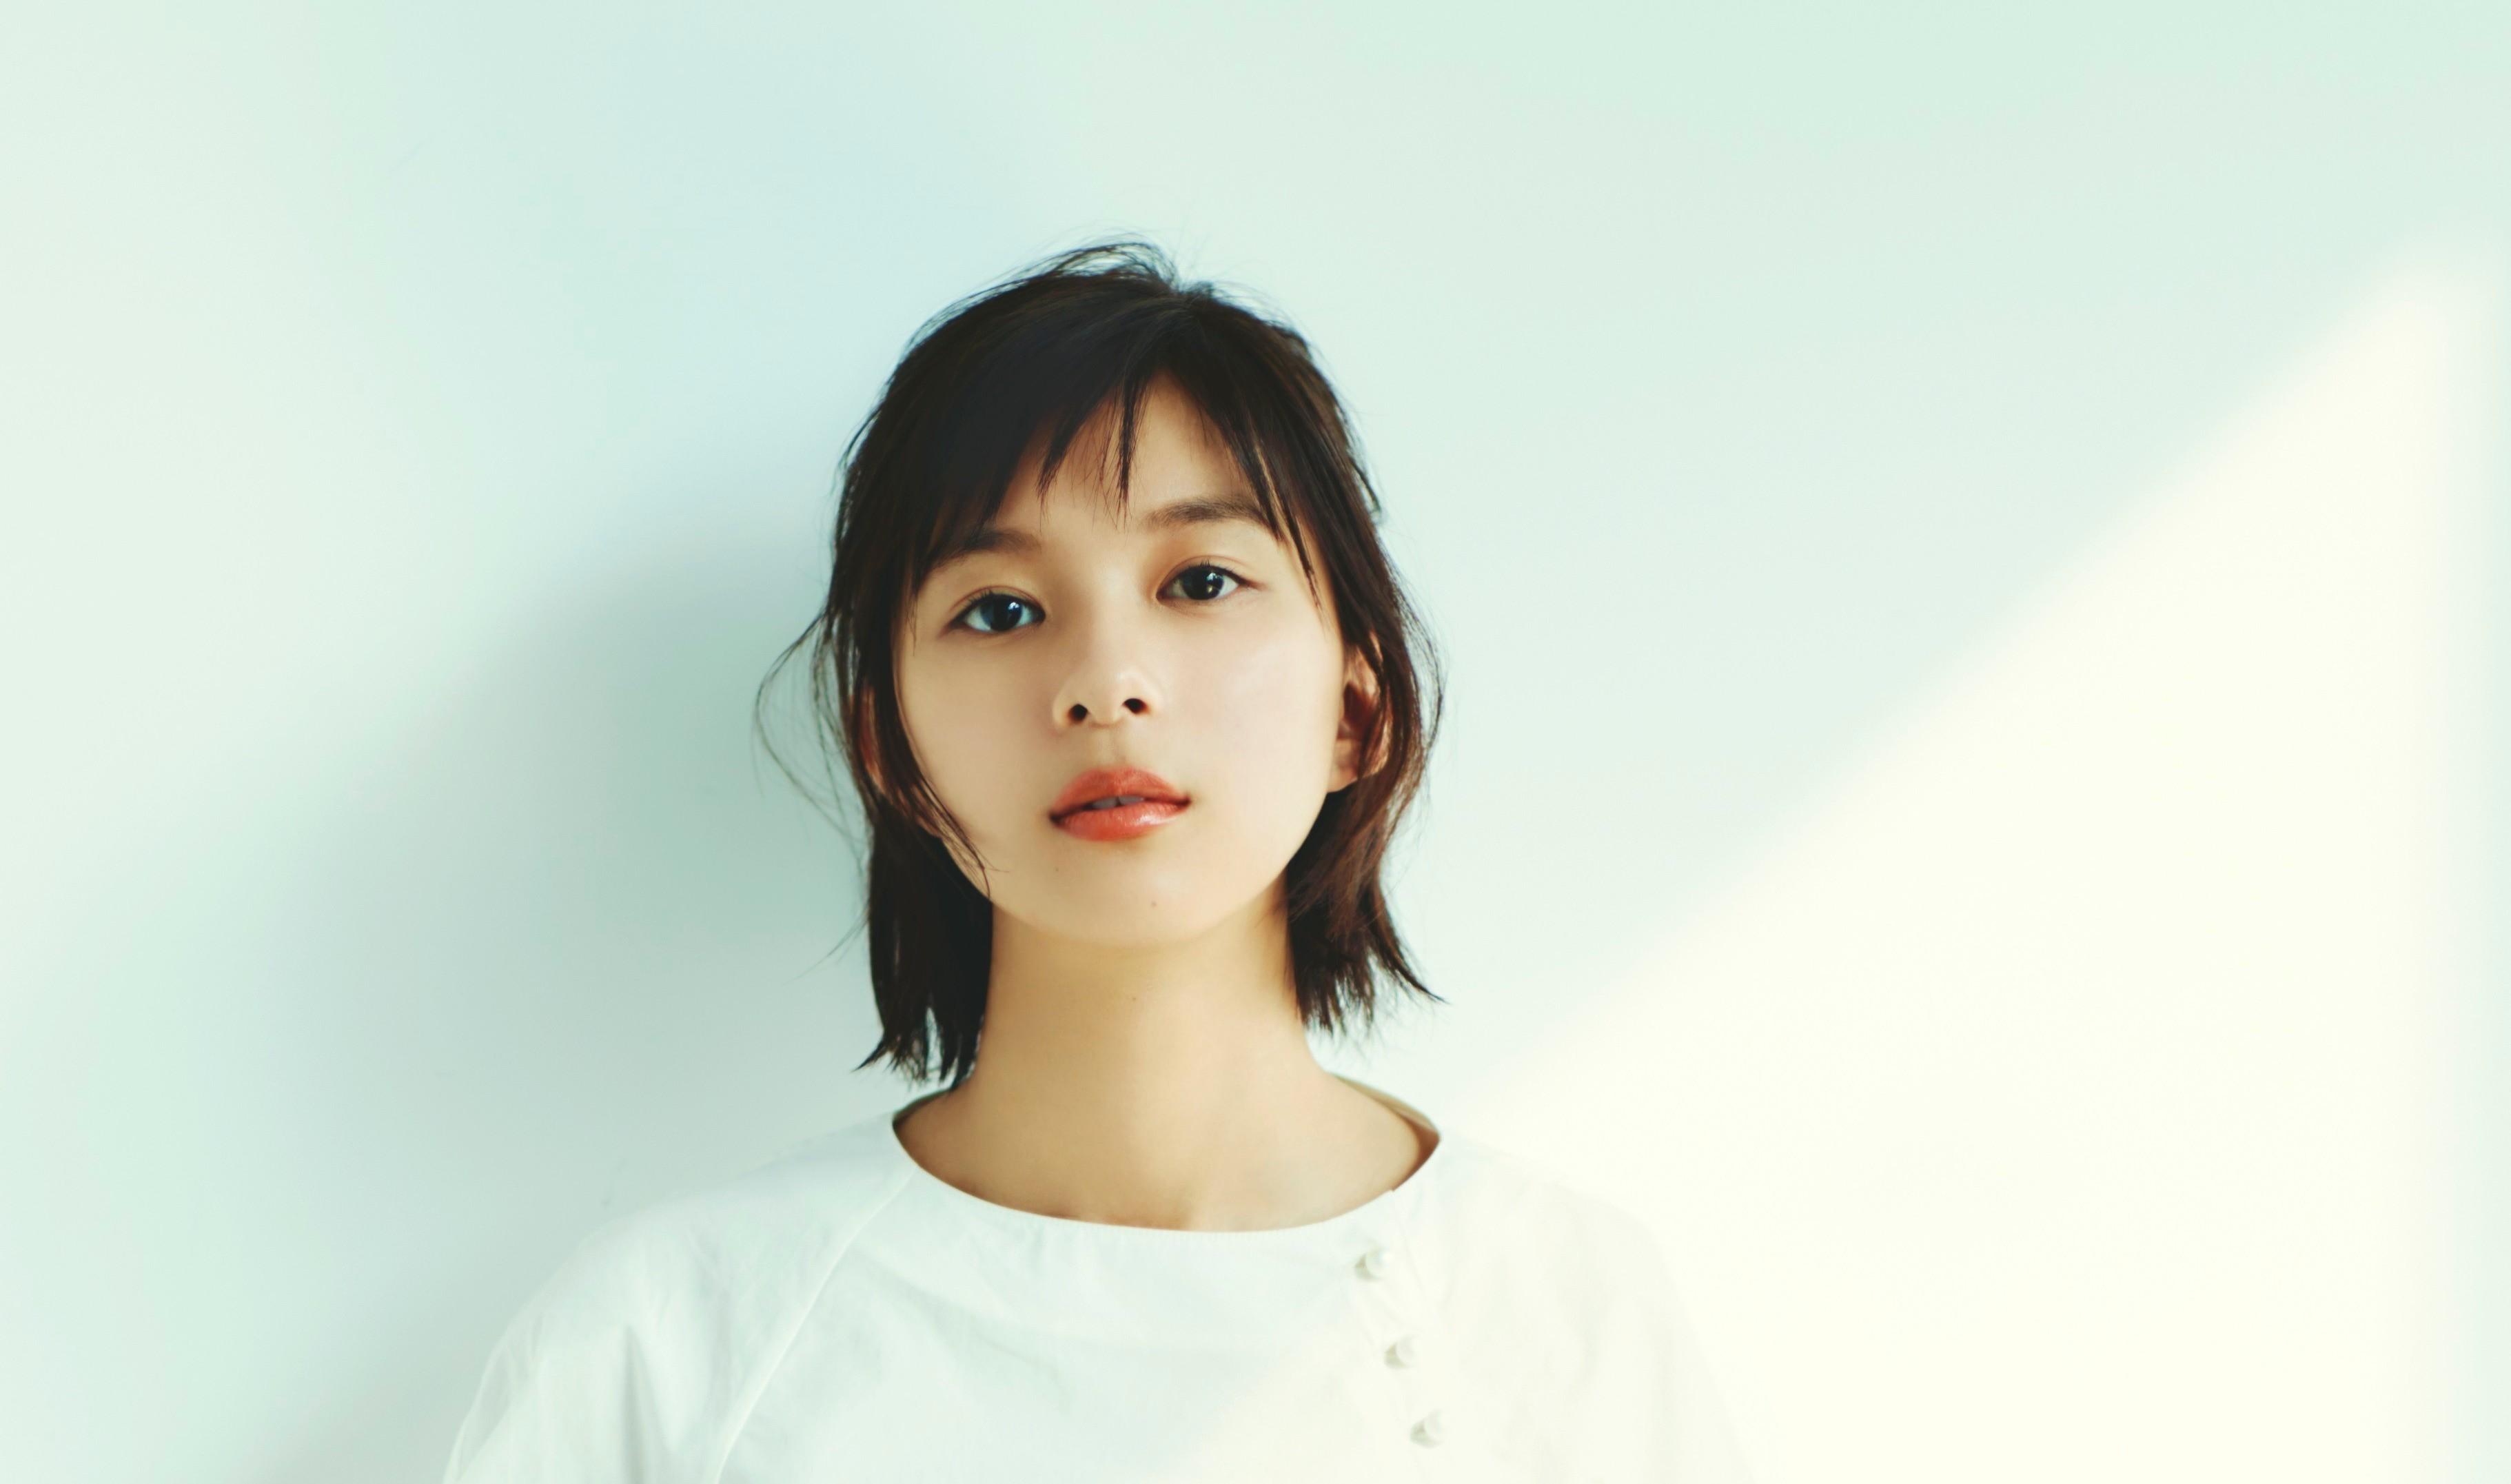 芳根京子が女優として ドラマや舞台 Cmで大活躍中 世界まる見え